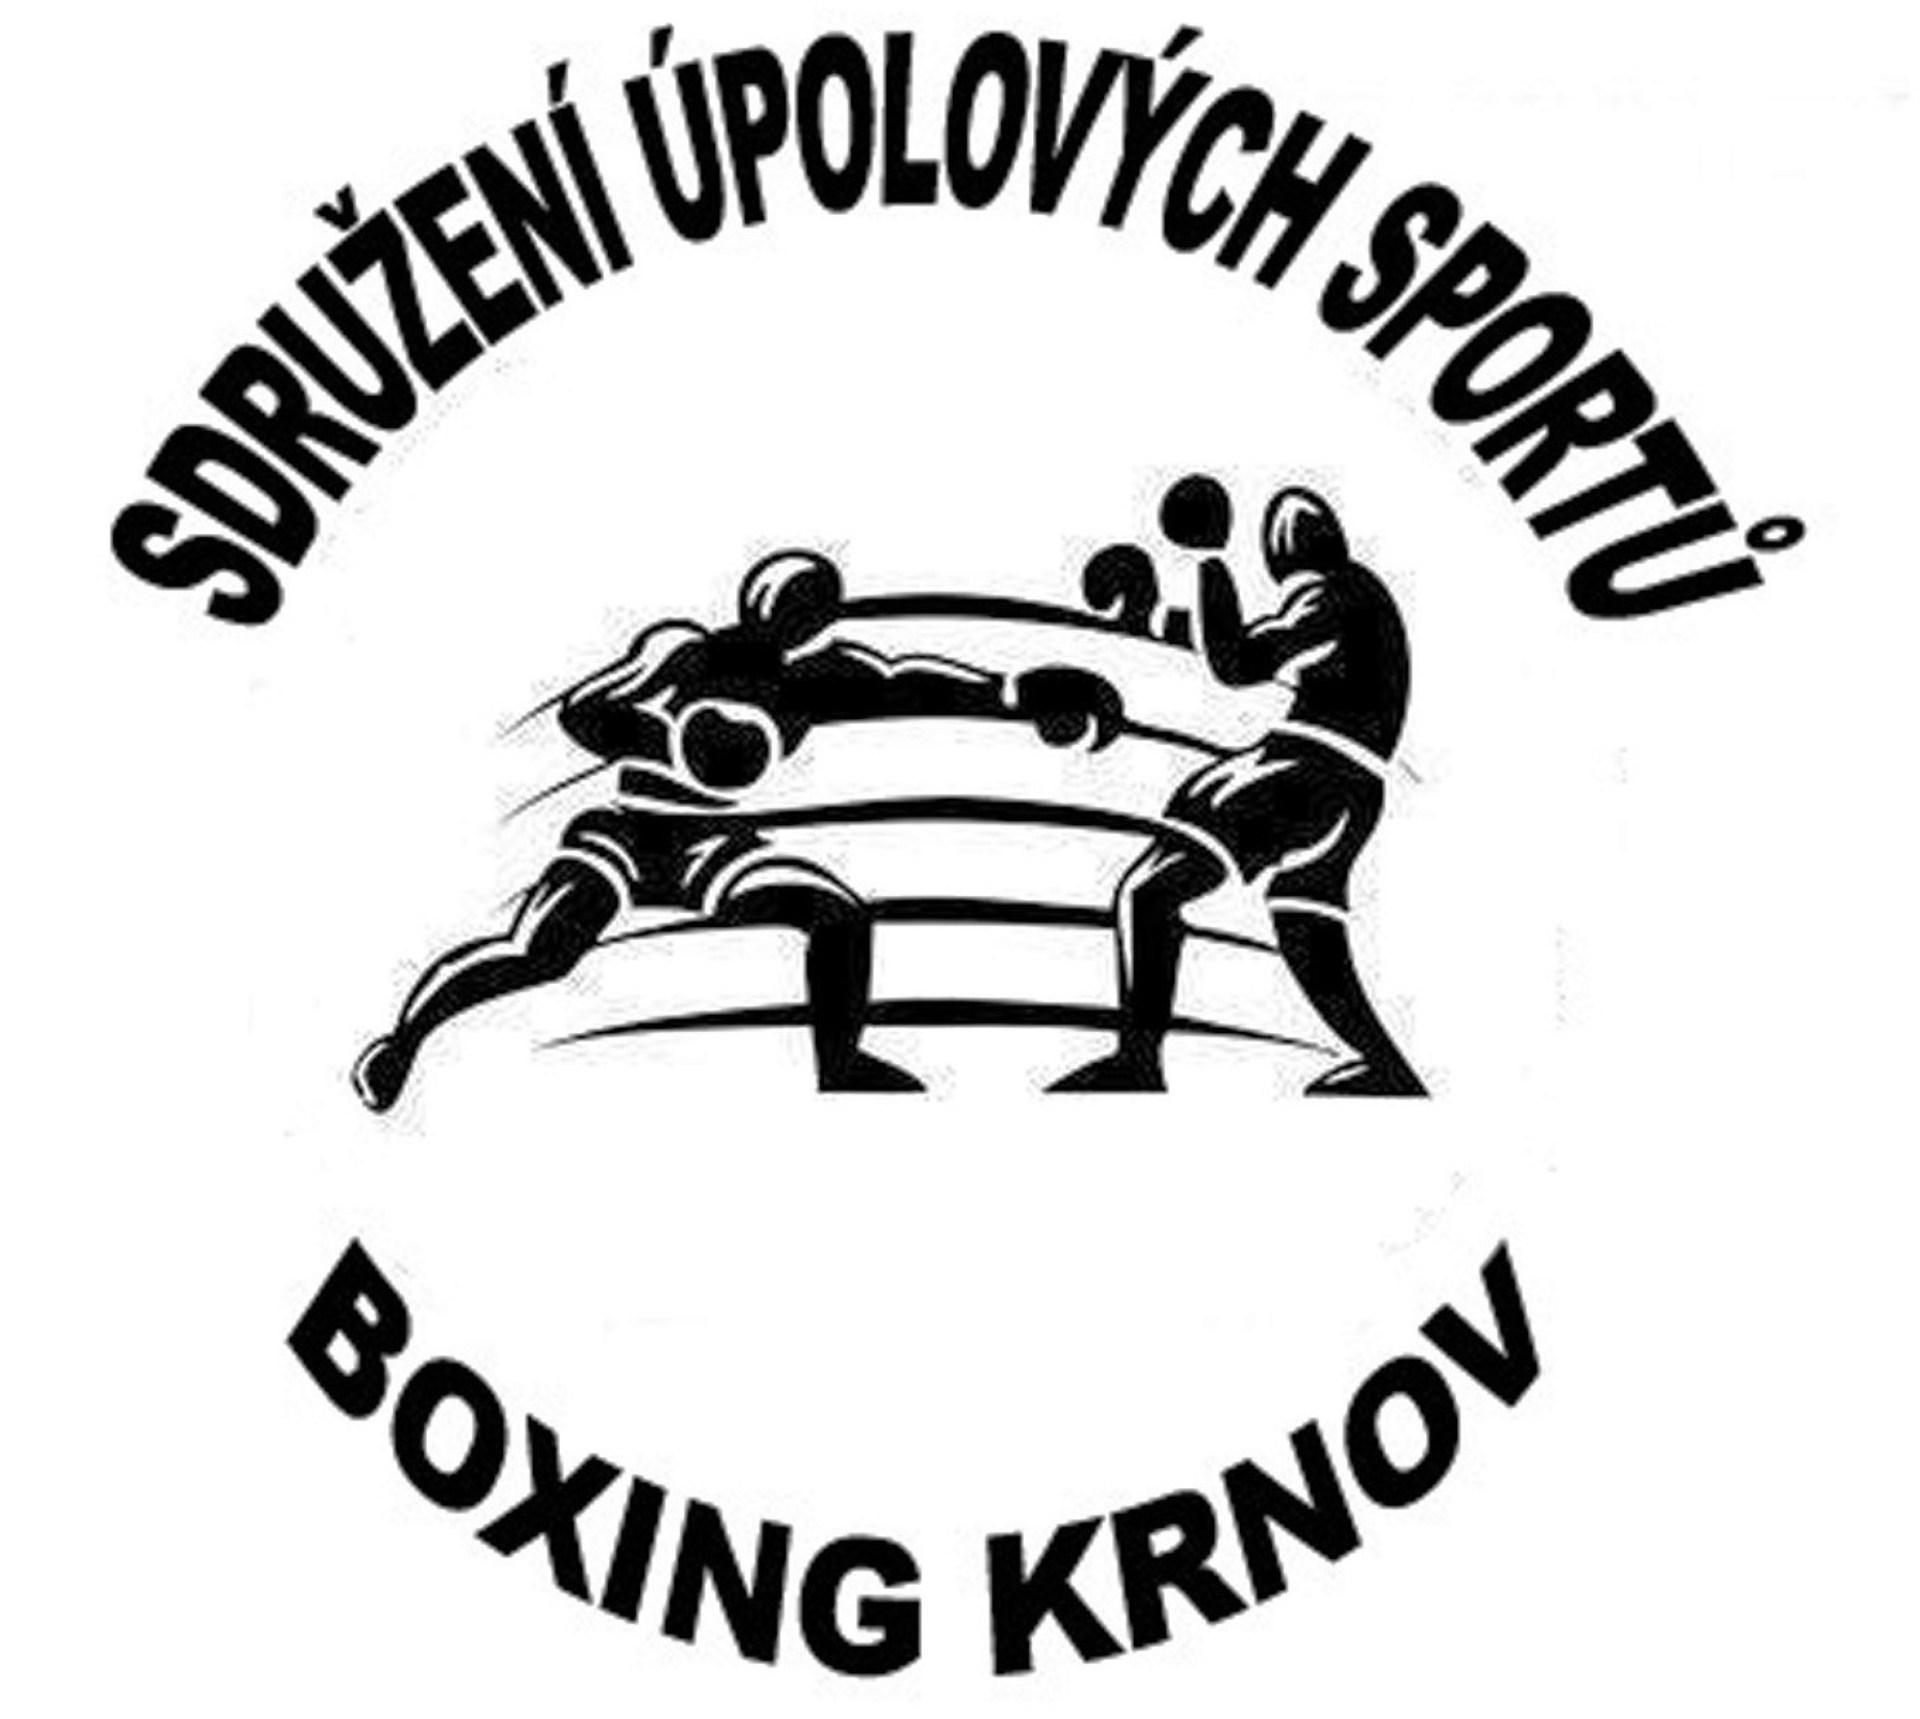 Sdružení úpolových sportů, Boxing Krnov